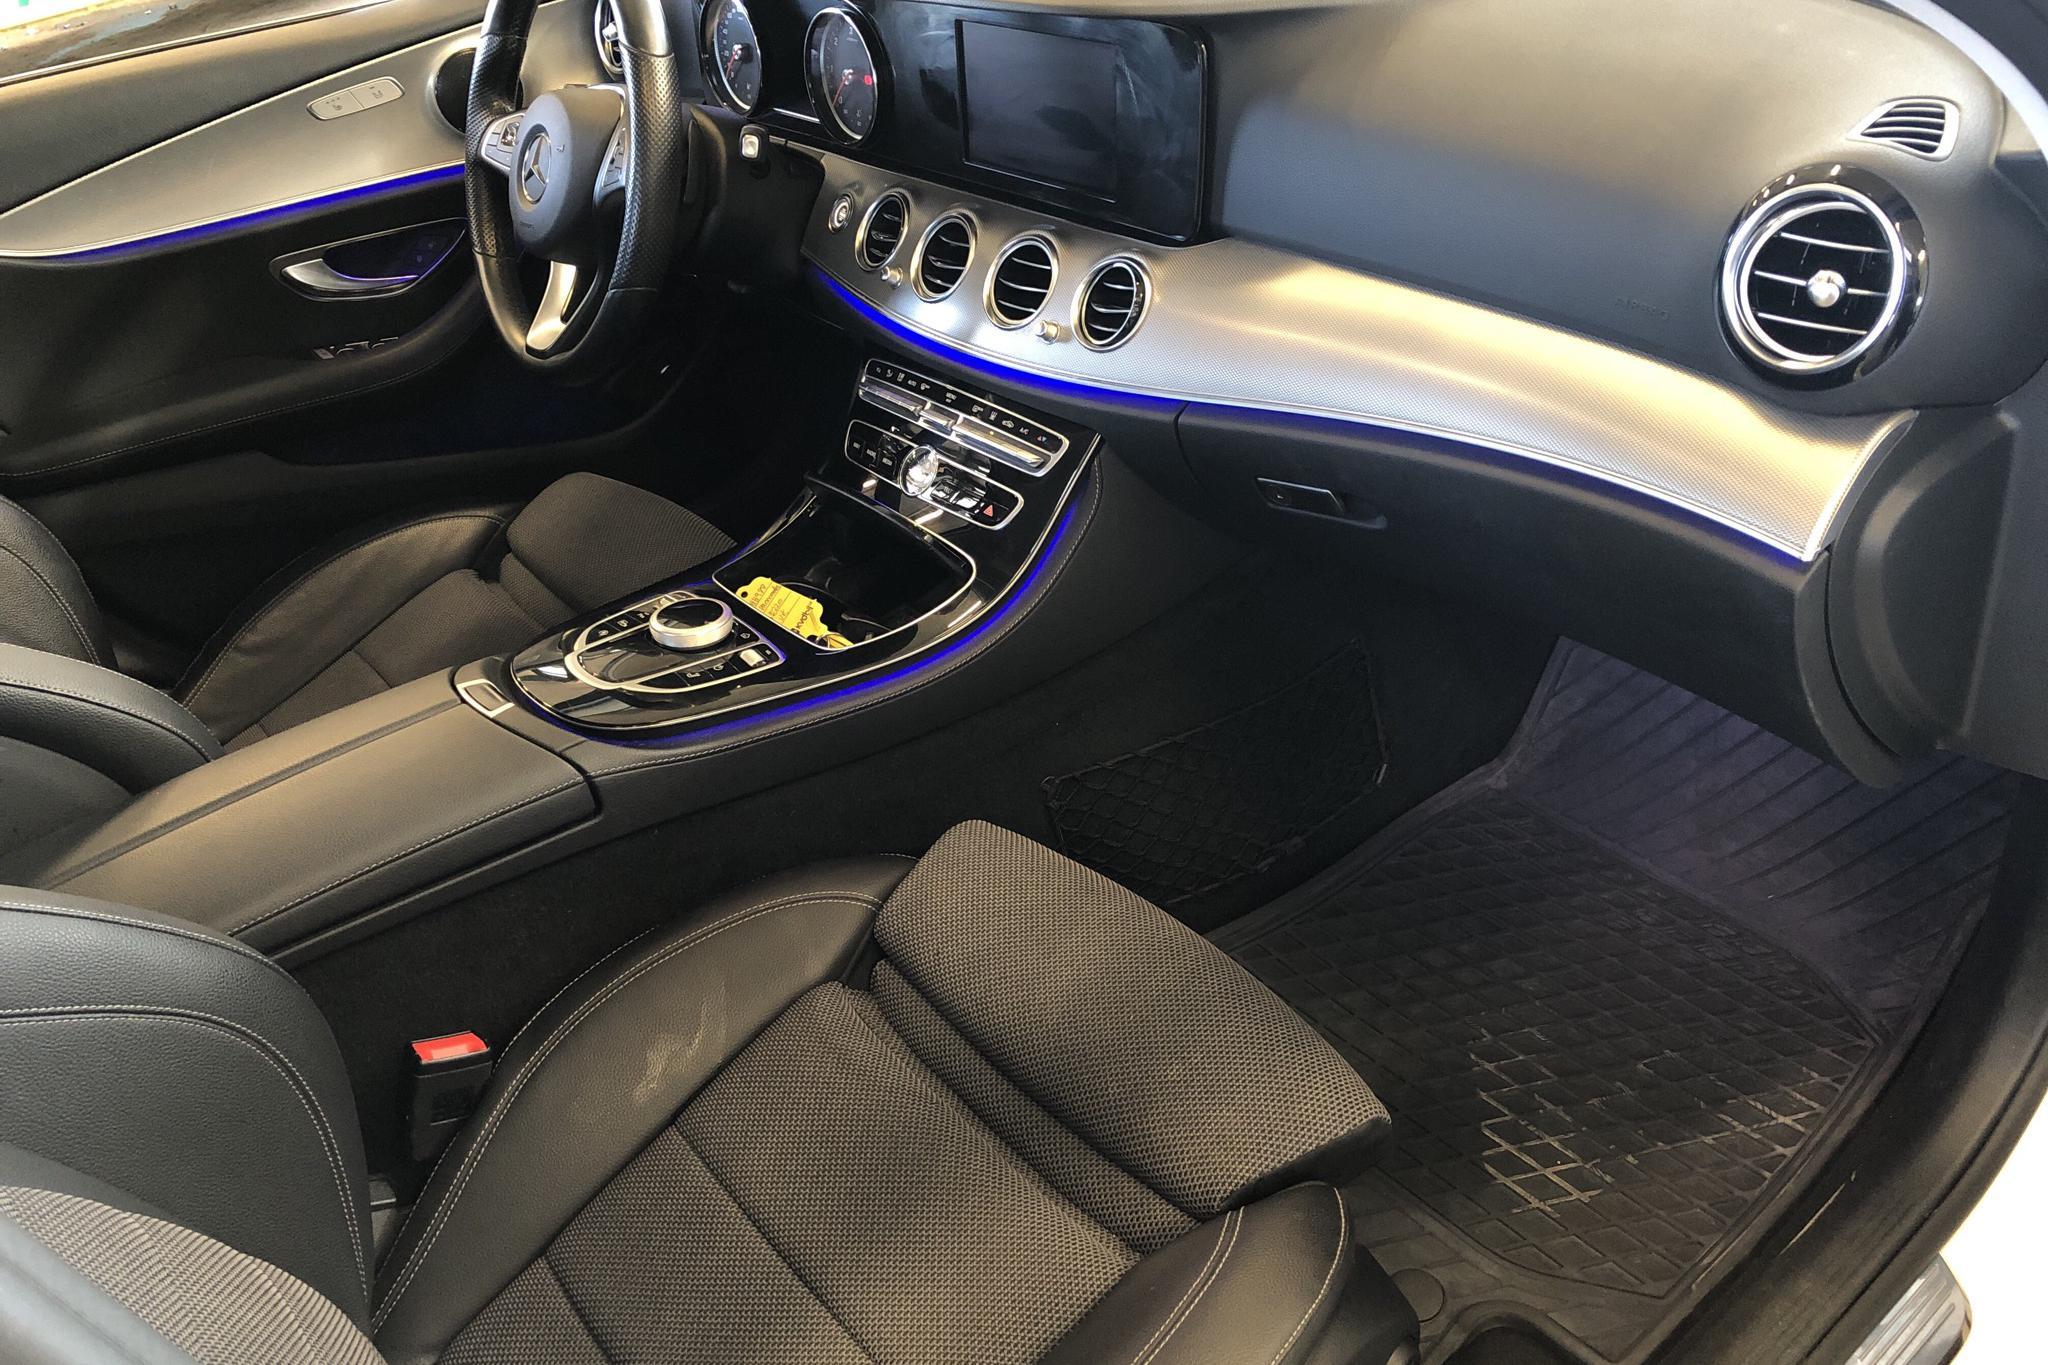 Mercedes E 220 d Kombi S213 (194hk) - 80 460 km - Automatic - white - 2017